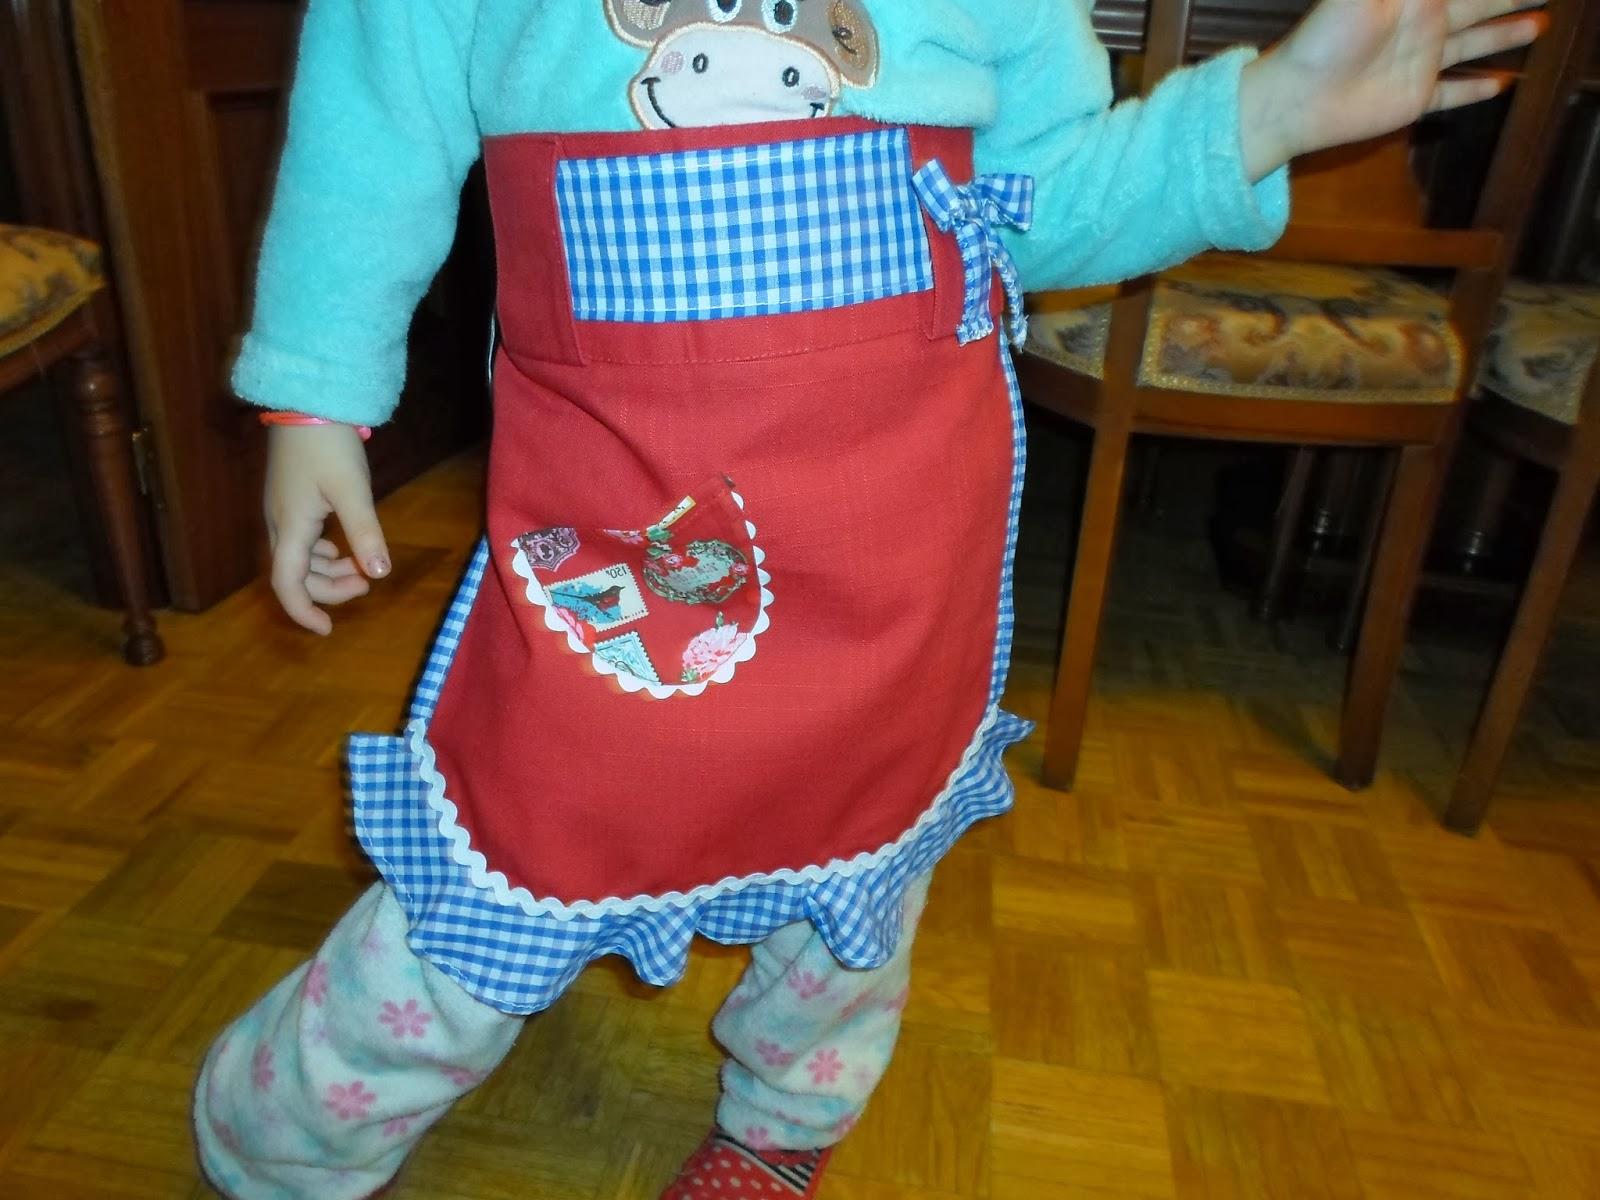 mandil de niña con volante de vichy blanco y azul. Detalle bolso